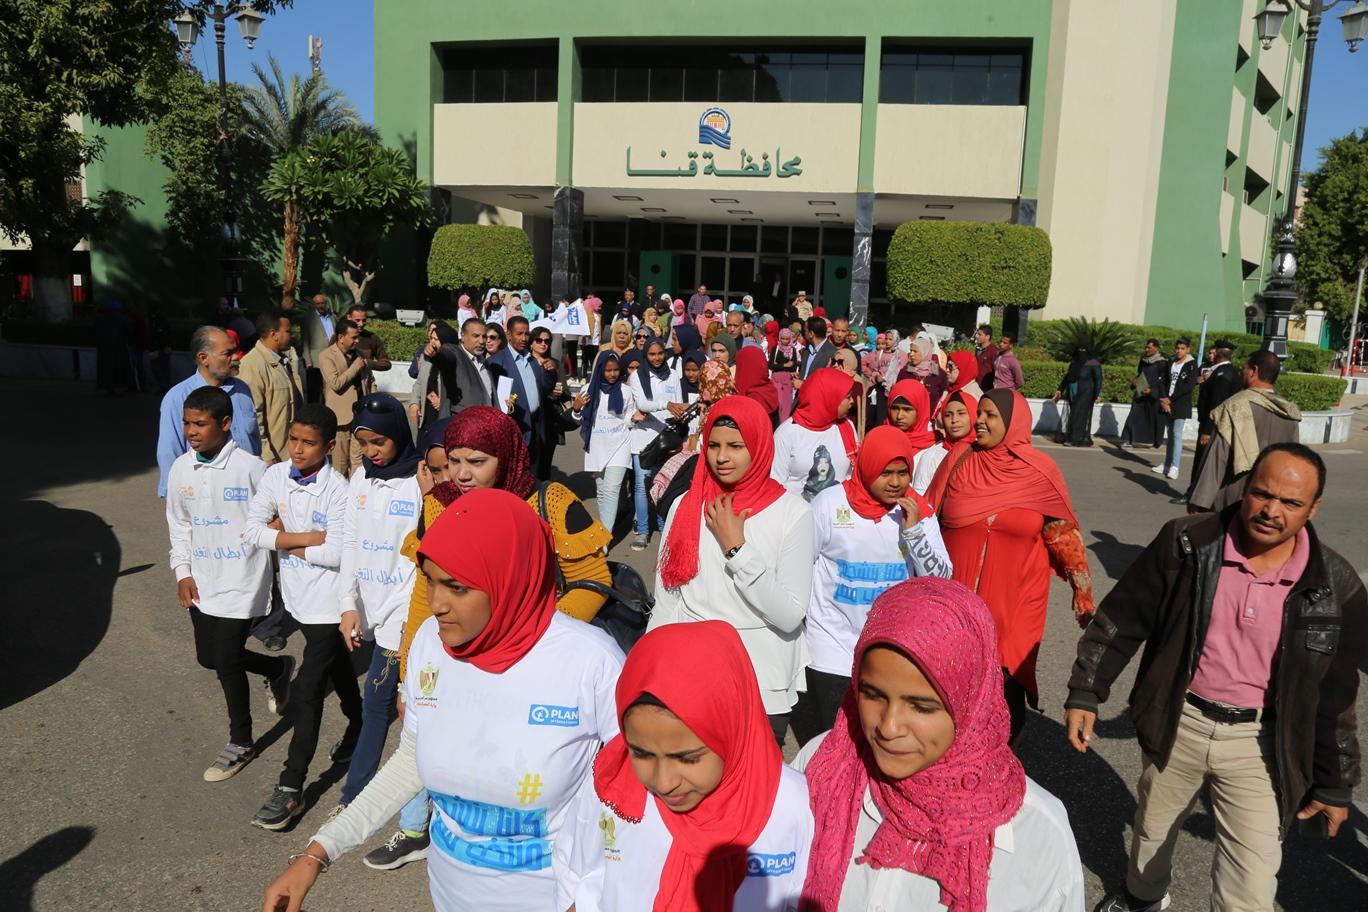 ماراثون رياضى ضمن فعاليات حملة مناهضة العنف ضد المرأة بقنا (3)